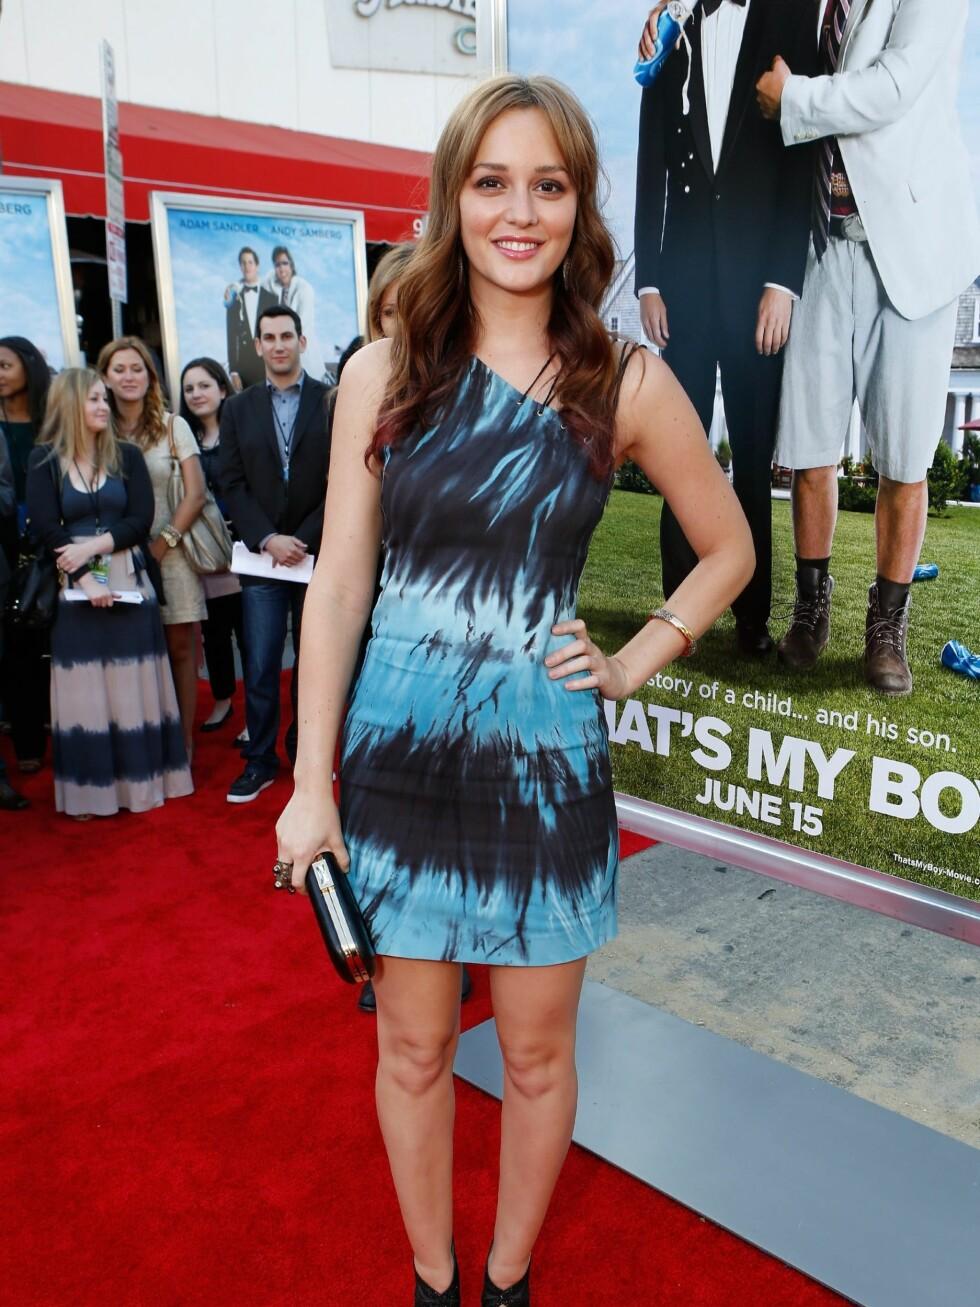 Gossip Girl-skuespiller Leighton Meester ser smashing ut i batikkjole.  Foto: All Over Press